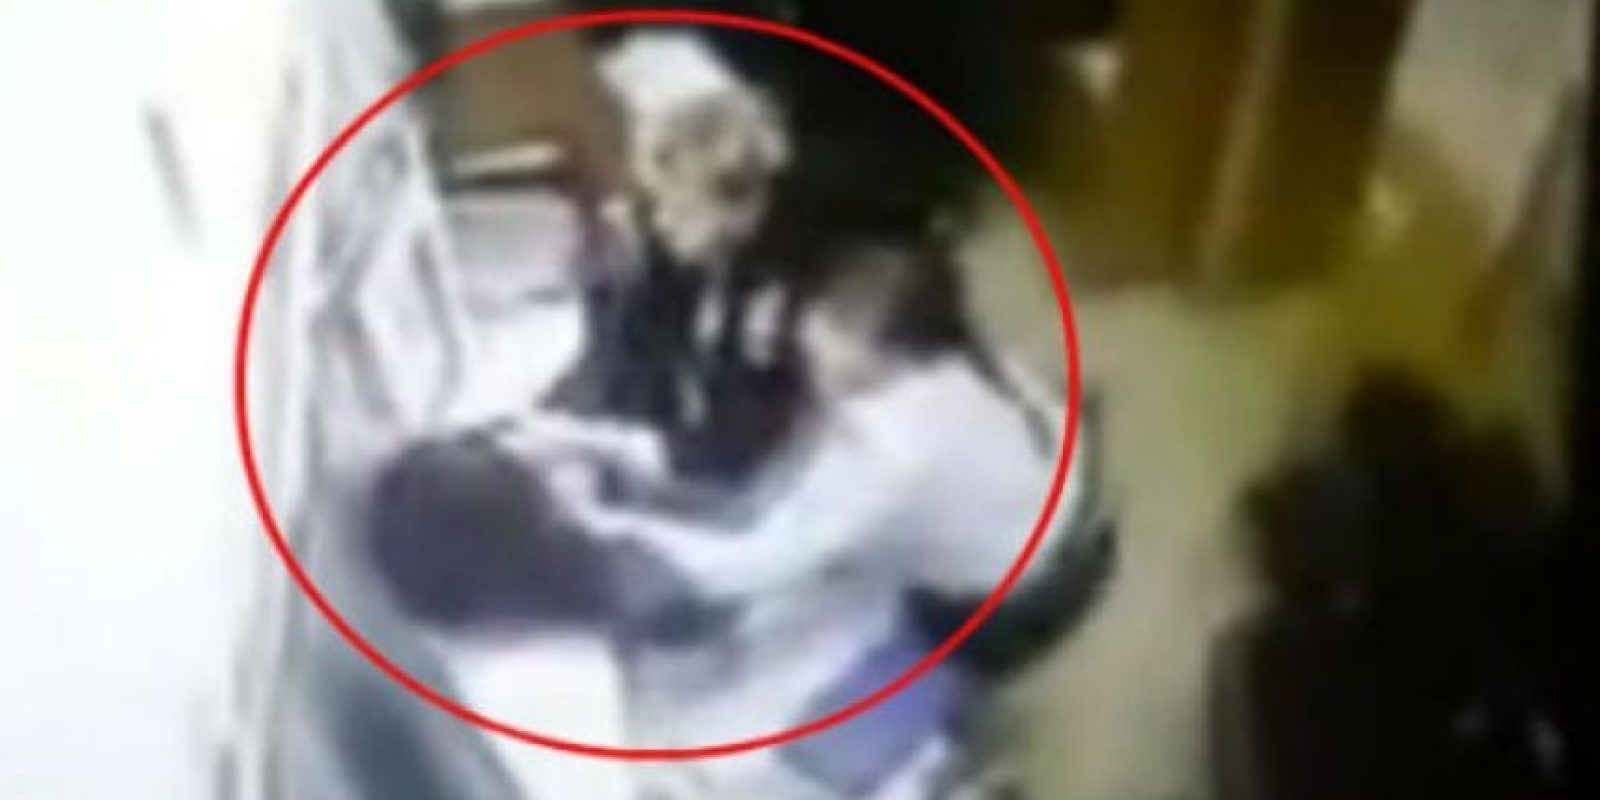 Este hombre detenido huyó y perdió los pantalones. Foto:Vía Youtube